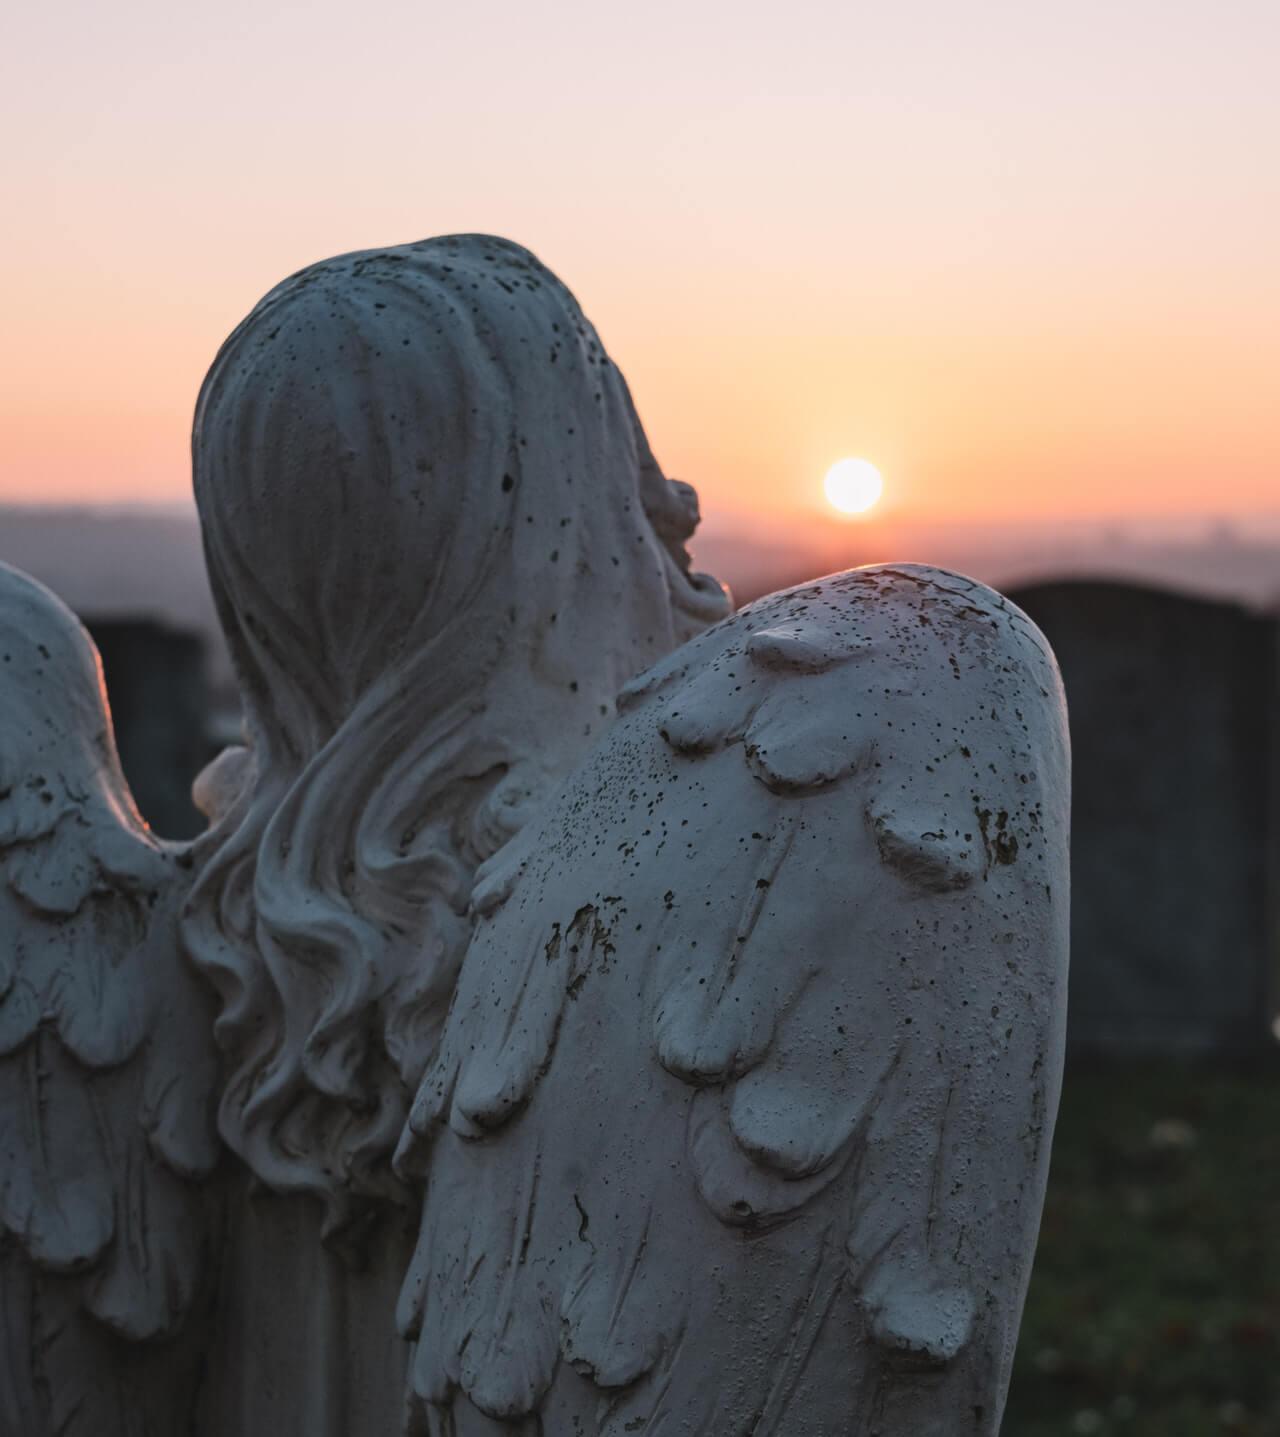 ¿Qué hace un director de funeraria?